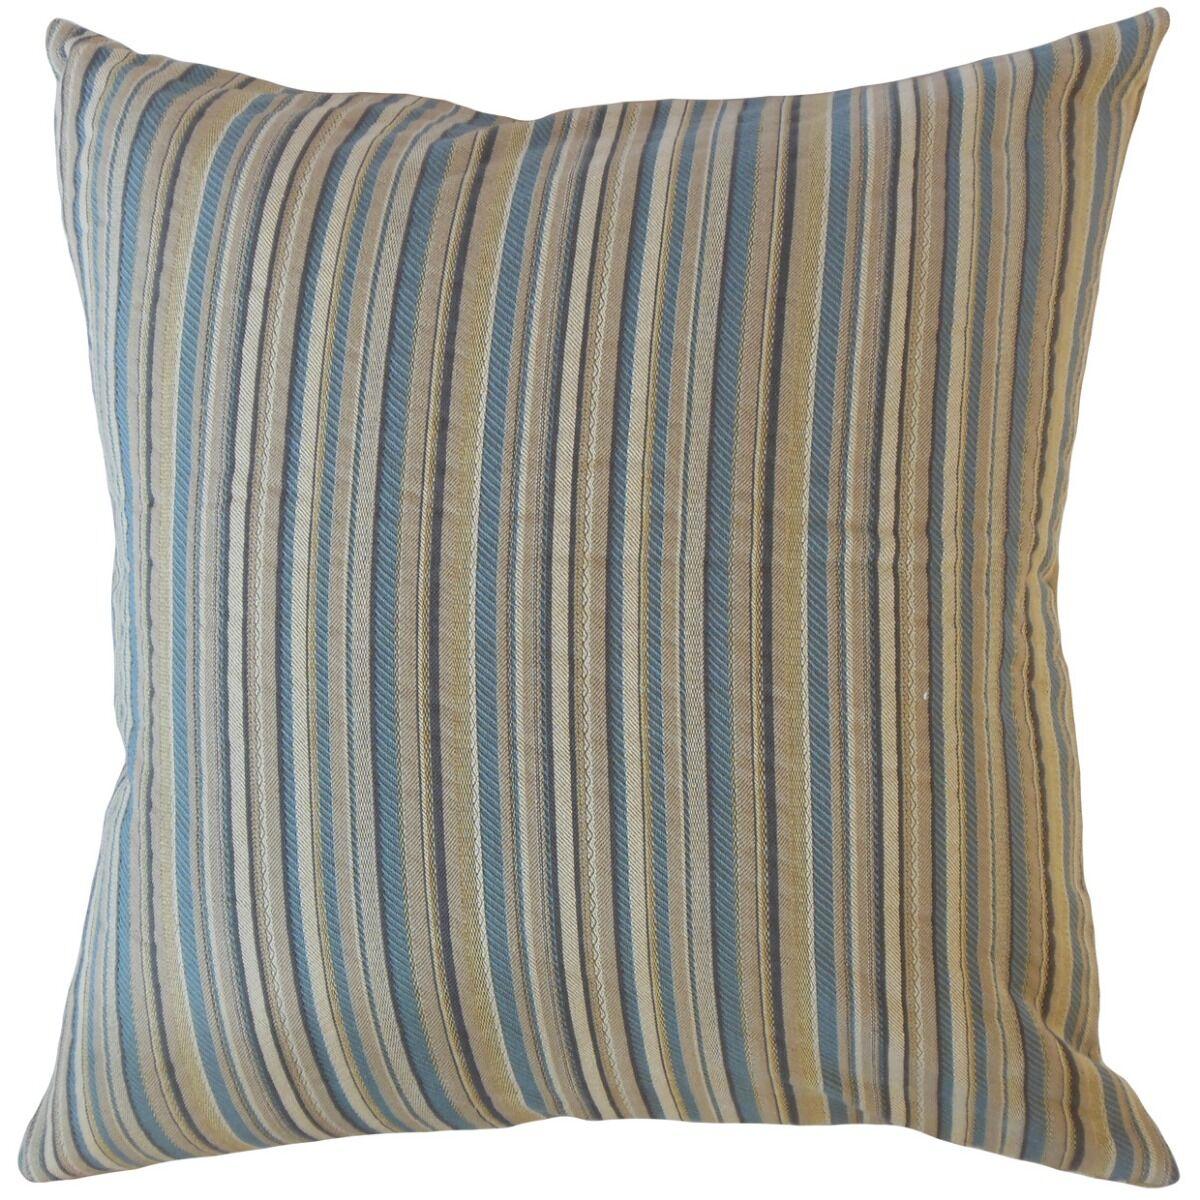 Biggins Striped Pillow Color: Mist, Size: 24